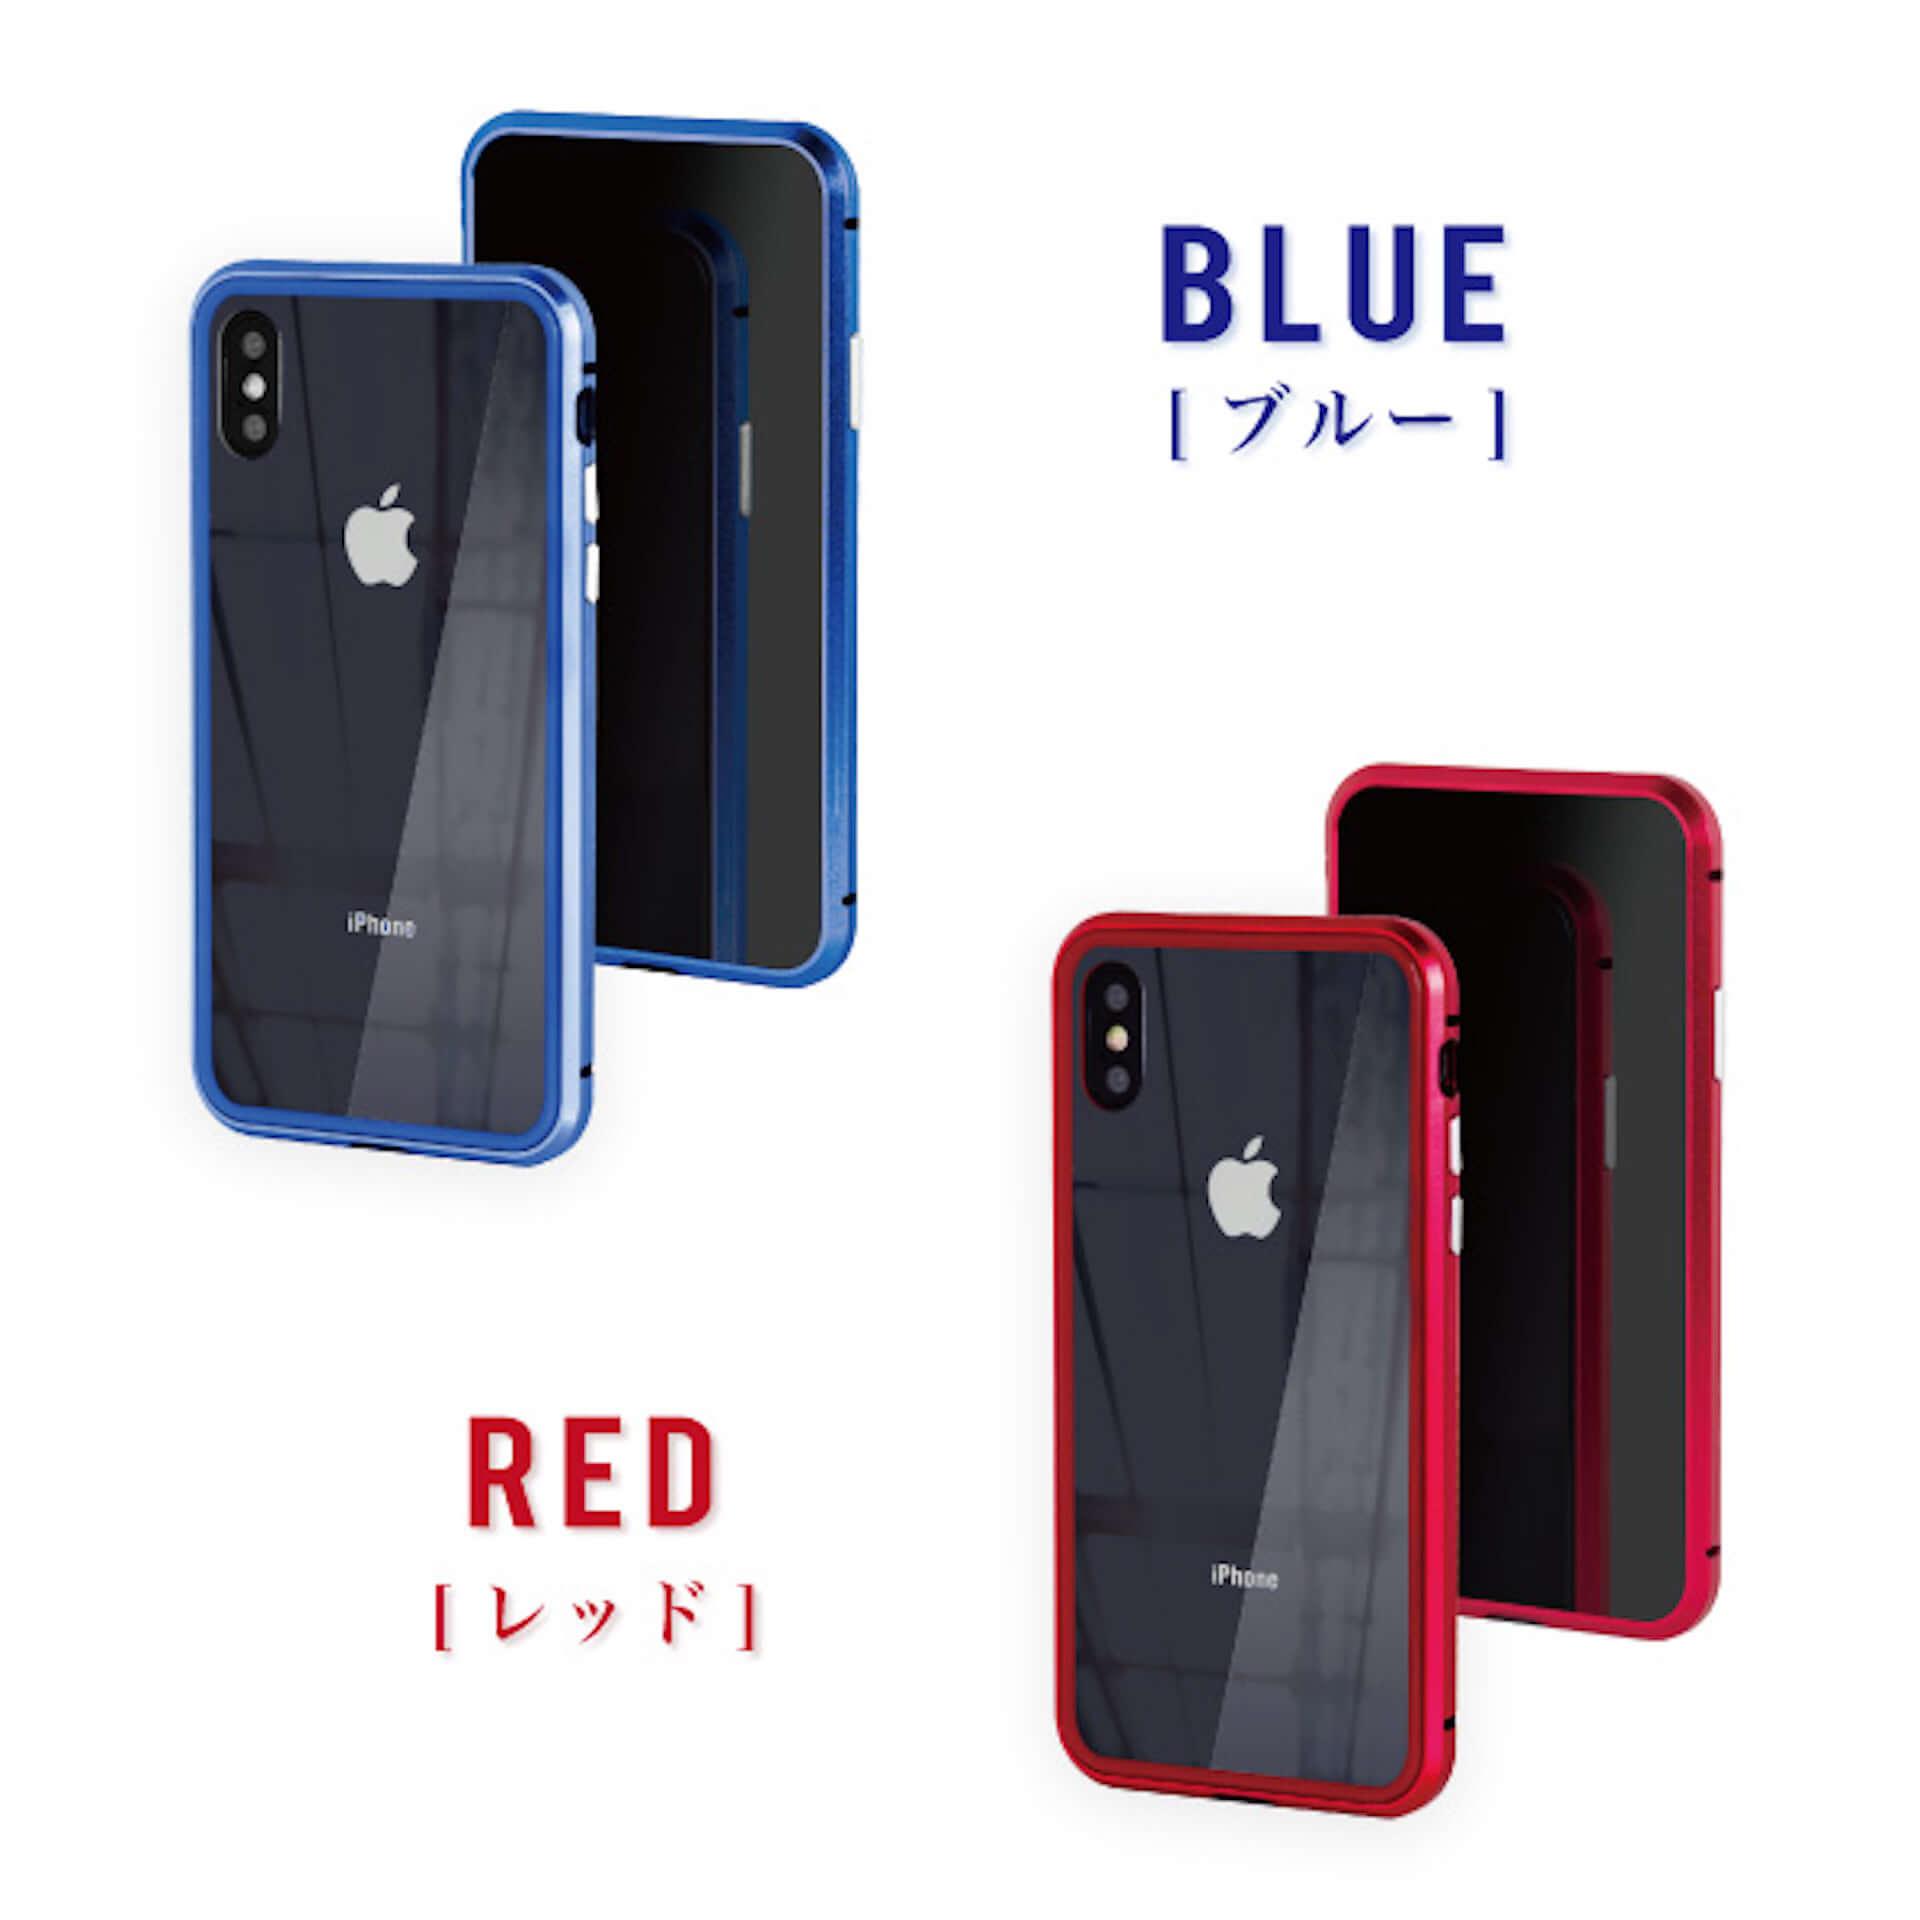 ハンマーでも割れないiPhoneケースが登場|頑強かつ軽量な「MAGNETIC ALUMINUM BUMPER CASE」発売 technology190731magnetic-iphonecase_12-1920x1920